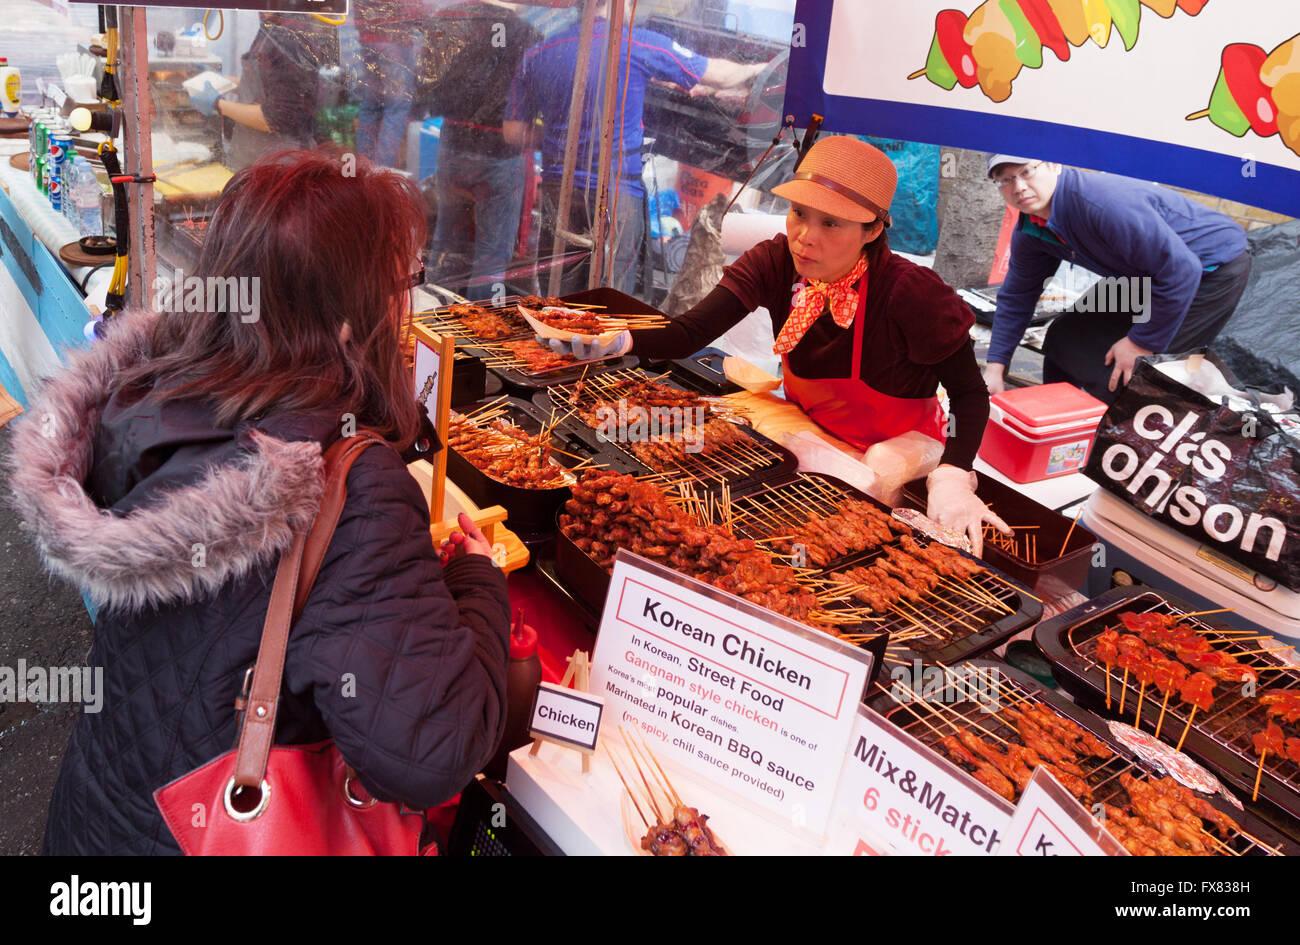 People buying food, Brick Lane Sunday Upmarket, Brick Lane, Spitalfields, East End, London UK - Stock Image